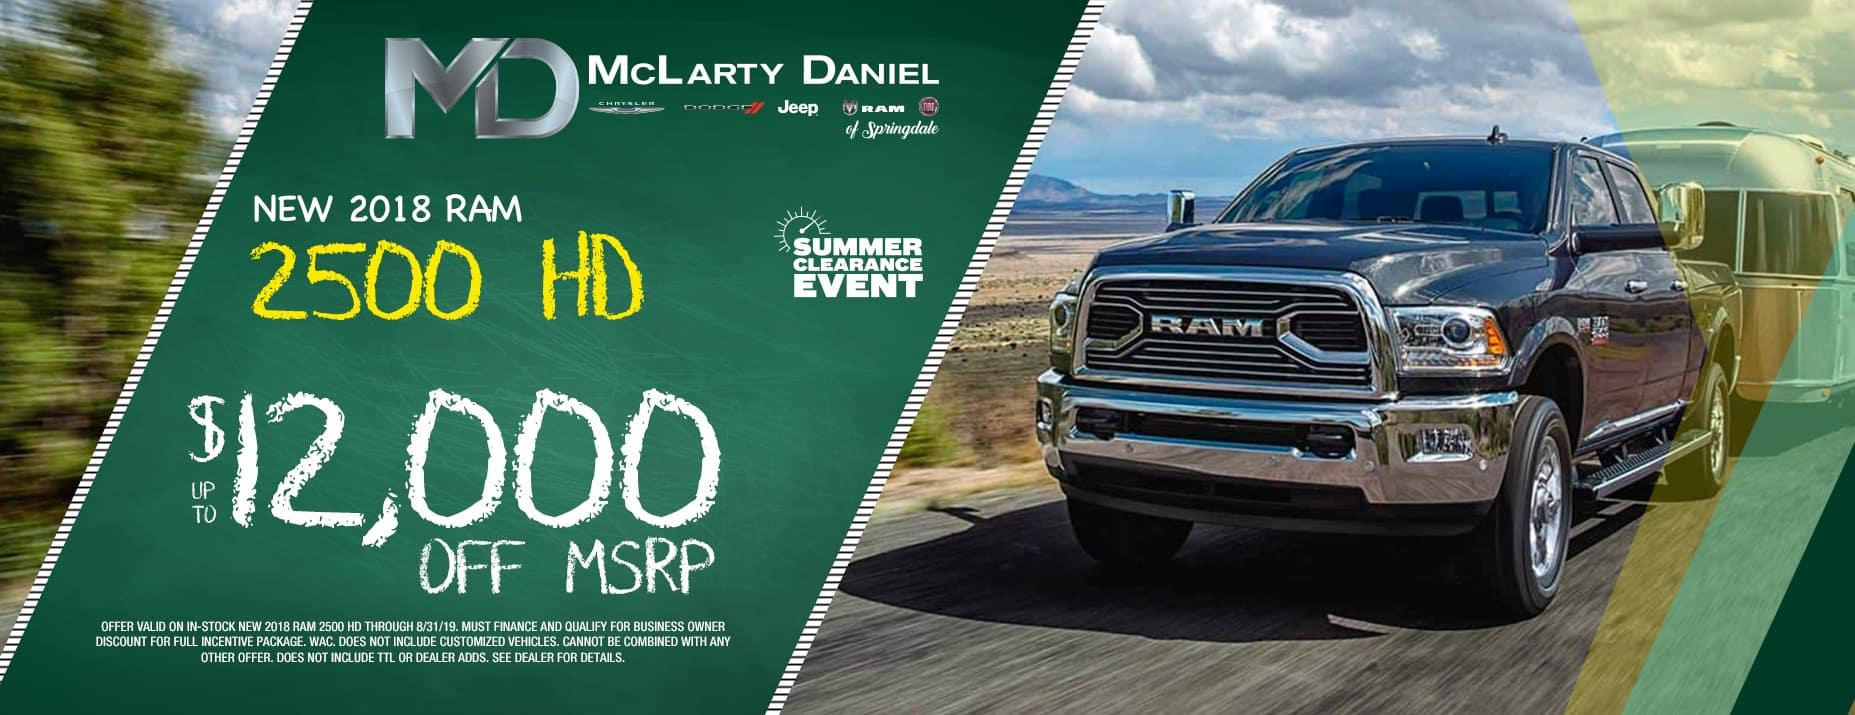 2018 Ram 2500$12,000 off msrp